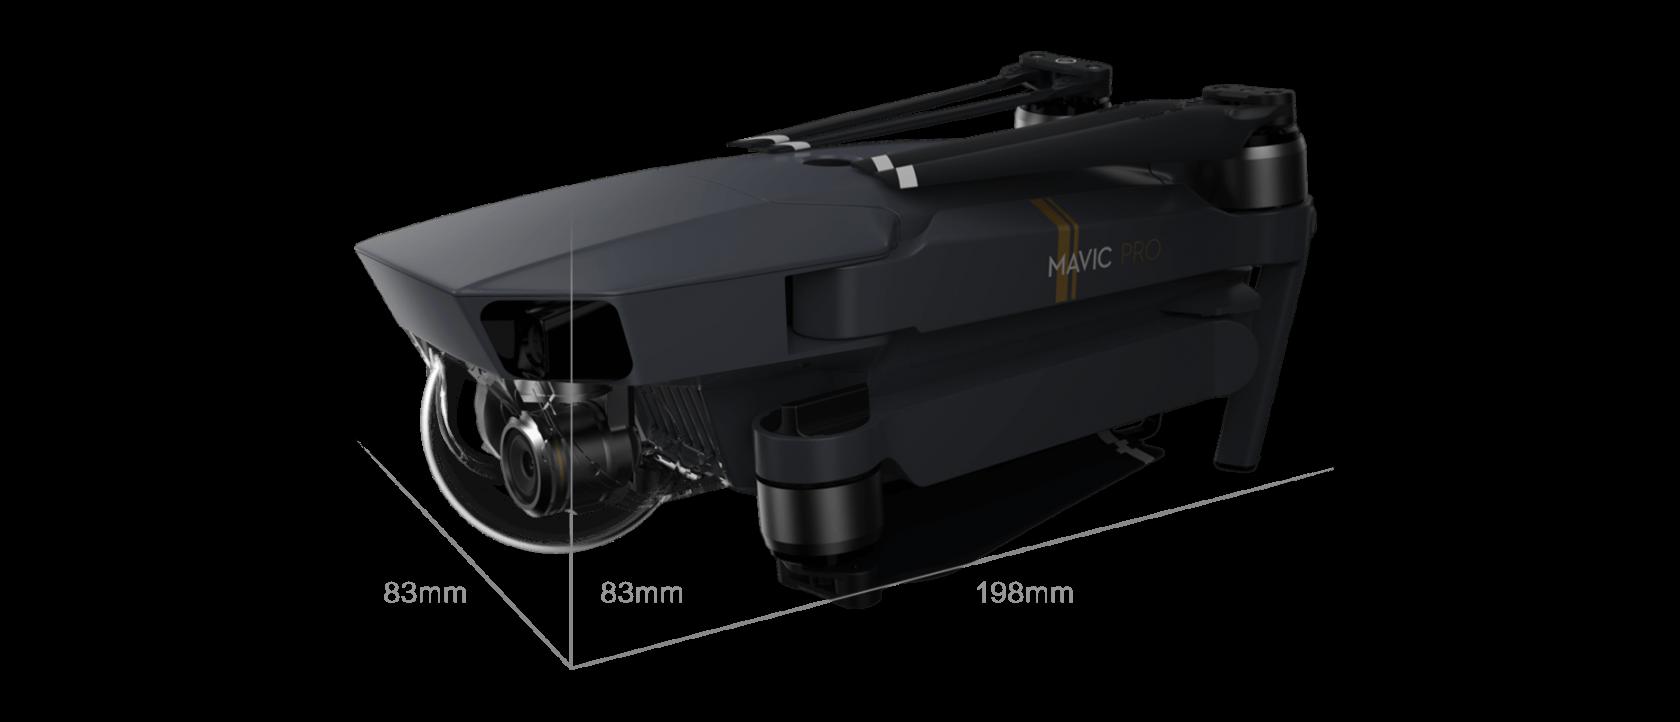 Интеллектуальная дополнительная батарея mavic air своими силами шторка от солнечного света мавик дешево